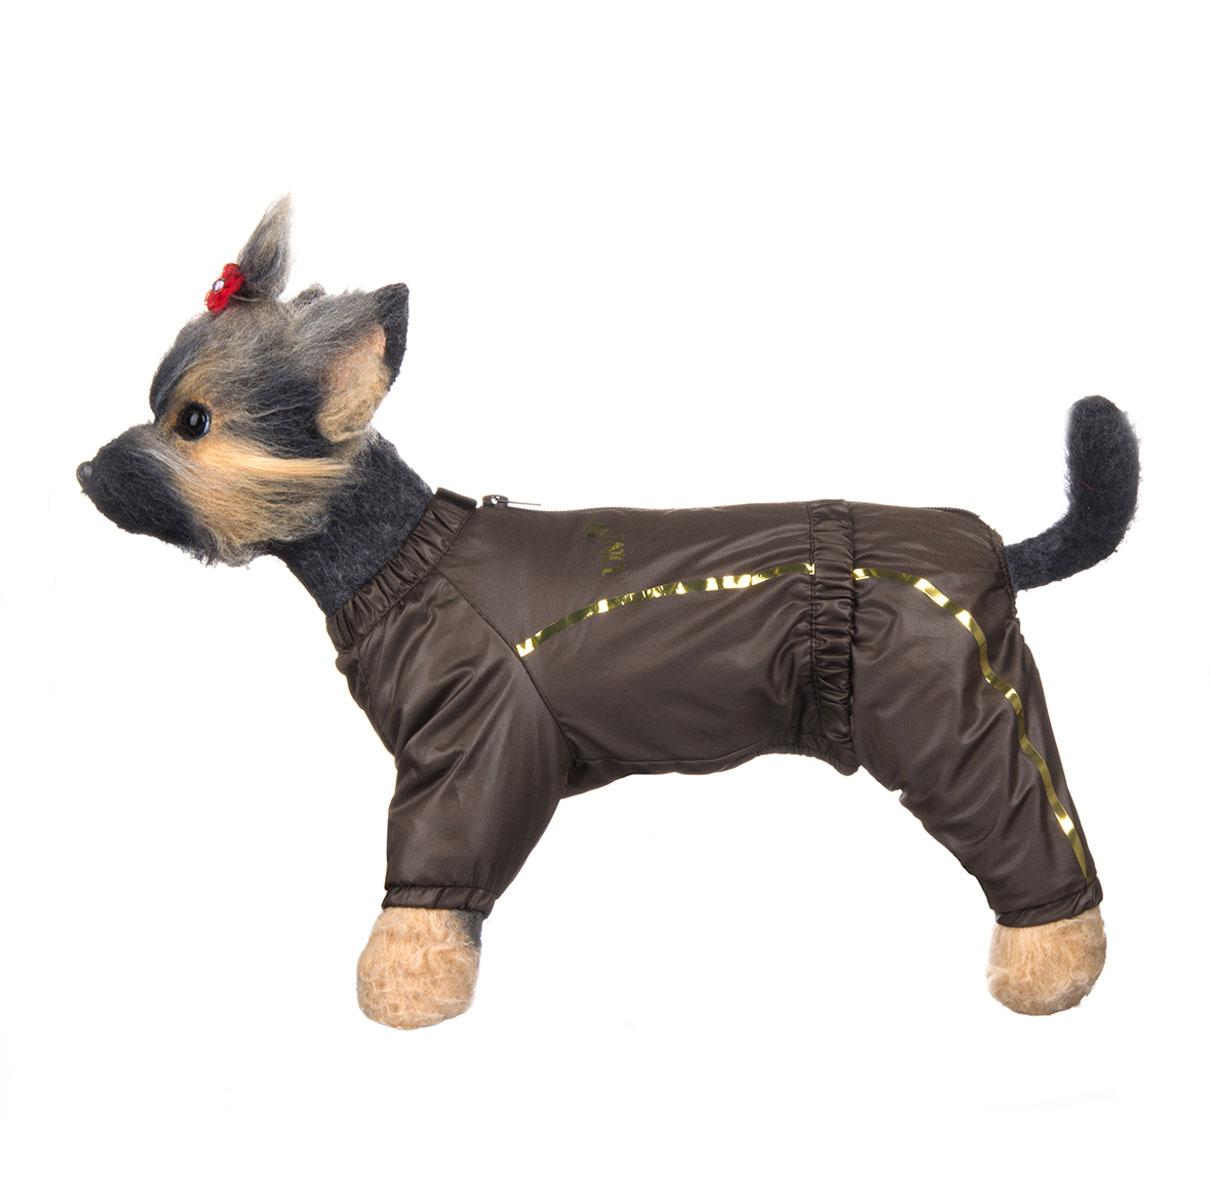 Комбинезон для собак Dogmoda Альпы, зимний, для мальчика, цвет: коричневый, бежевый. Размер 1 (S)0120710Зимний комбинезон для собак Dogmoda Альпы отлично подойдет для прогулок в зимнее время года.Комбинезон изготовлен из полиэстера, защищающего от ветра и снега, с утеплителем из синтепона, который сохранит тепло даже в сильные морозы, а на подкладке используется искусственный мех, который обеспечивает отличный воздухообмен. Комбинезон застегивается на молнию и липучку, благодаря чему его легко надевать и снимать. Ворот, низ рукавов и брючин оснащены внутренними резинками, которые мягко обхватывают шею и лапки, не позволяя просачиваться холодному воздуху. На пояснице имеется внутренняя резинка. Изделие декорировано золотистыми полосками и надписью DM.Благодаря такому комбинезону простуда не грозит вашему питомцу и он сможет испытать не сравнимое удовольствие от снежных игр и забав.